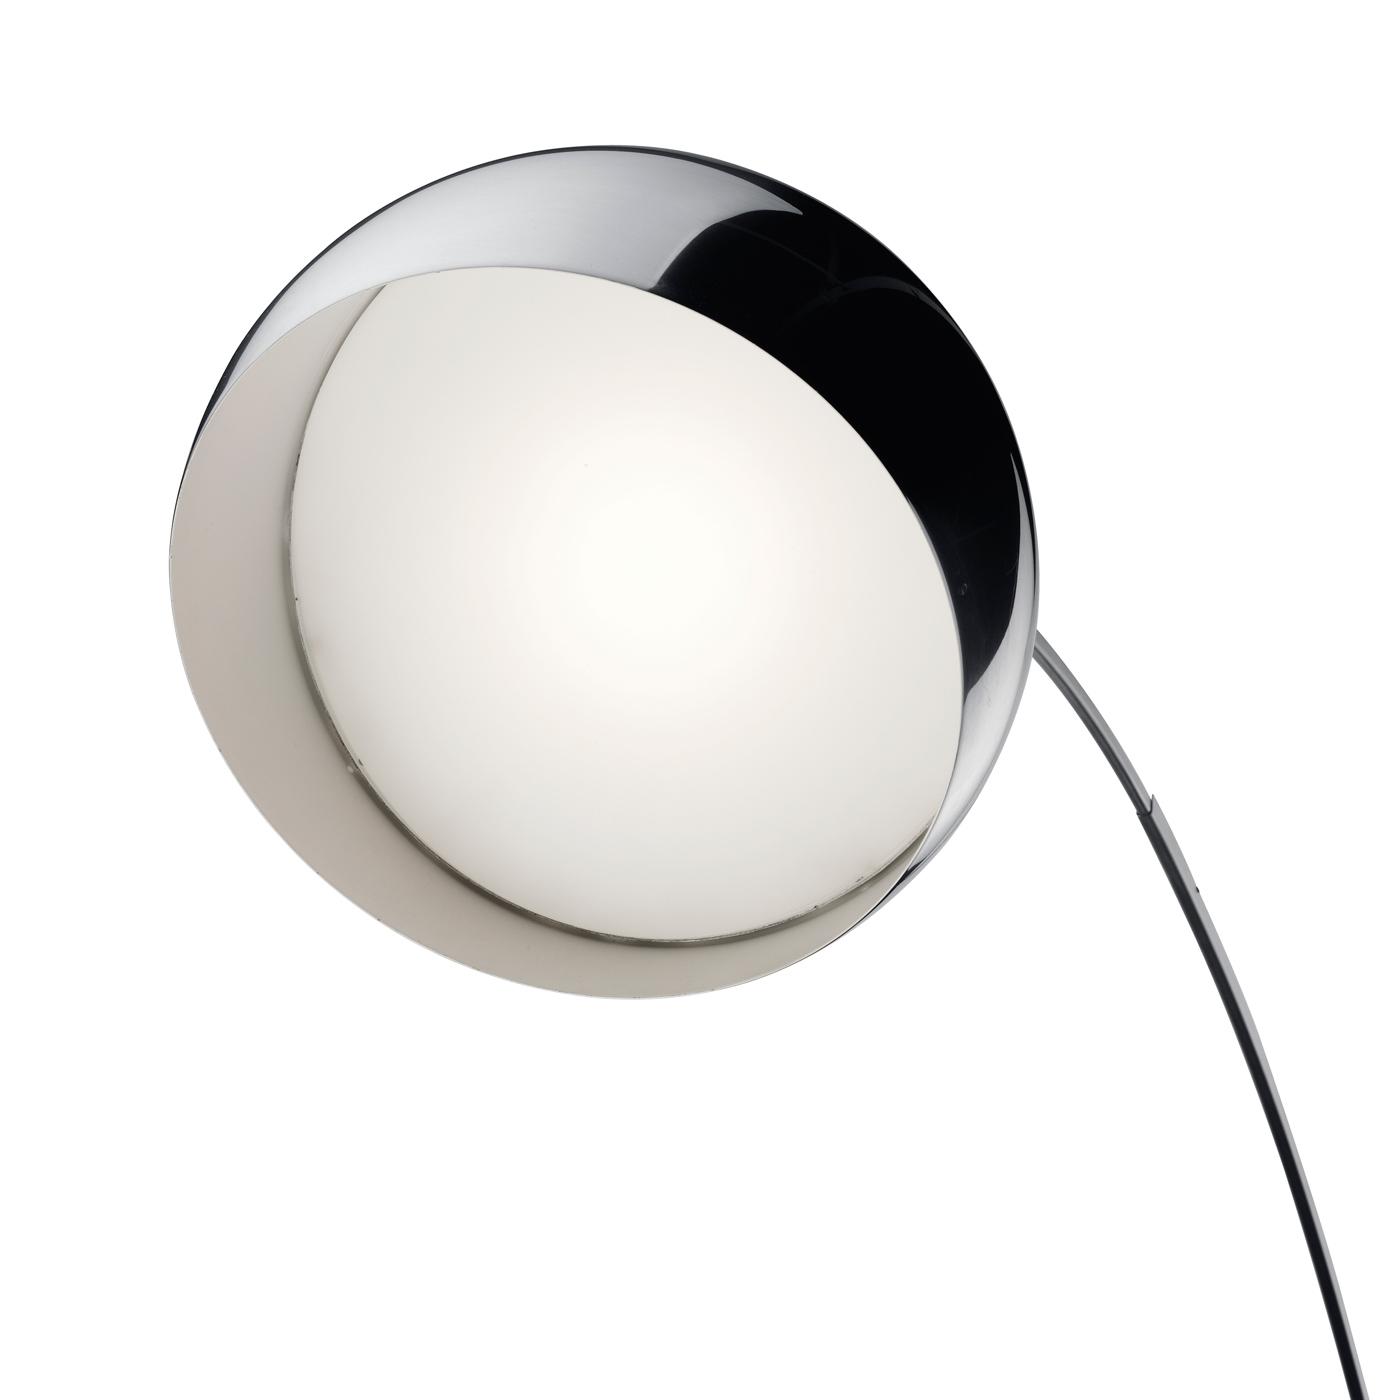 Forum classici del design lampada arco for Repliche lampade design